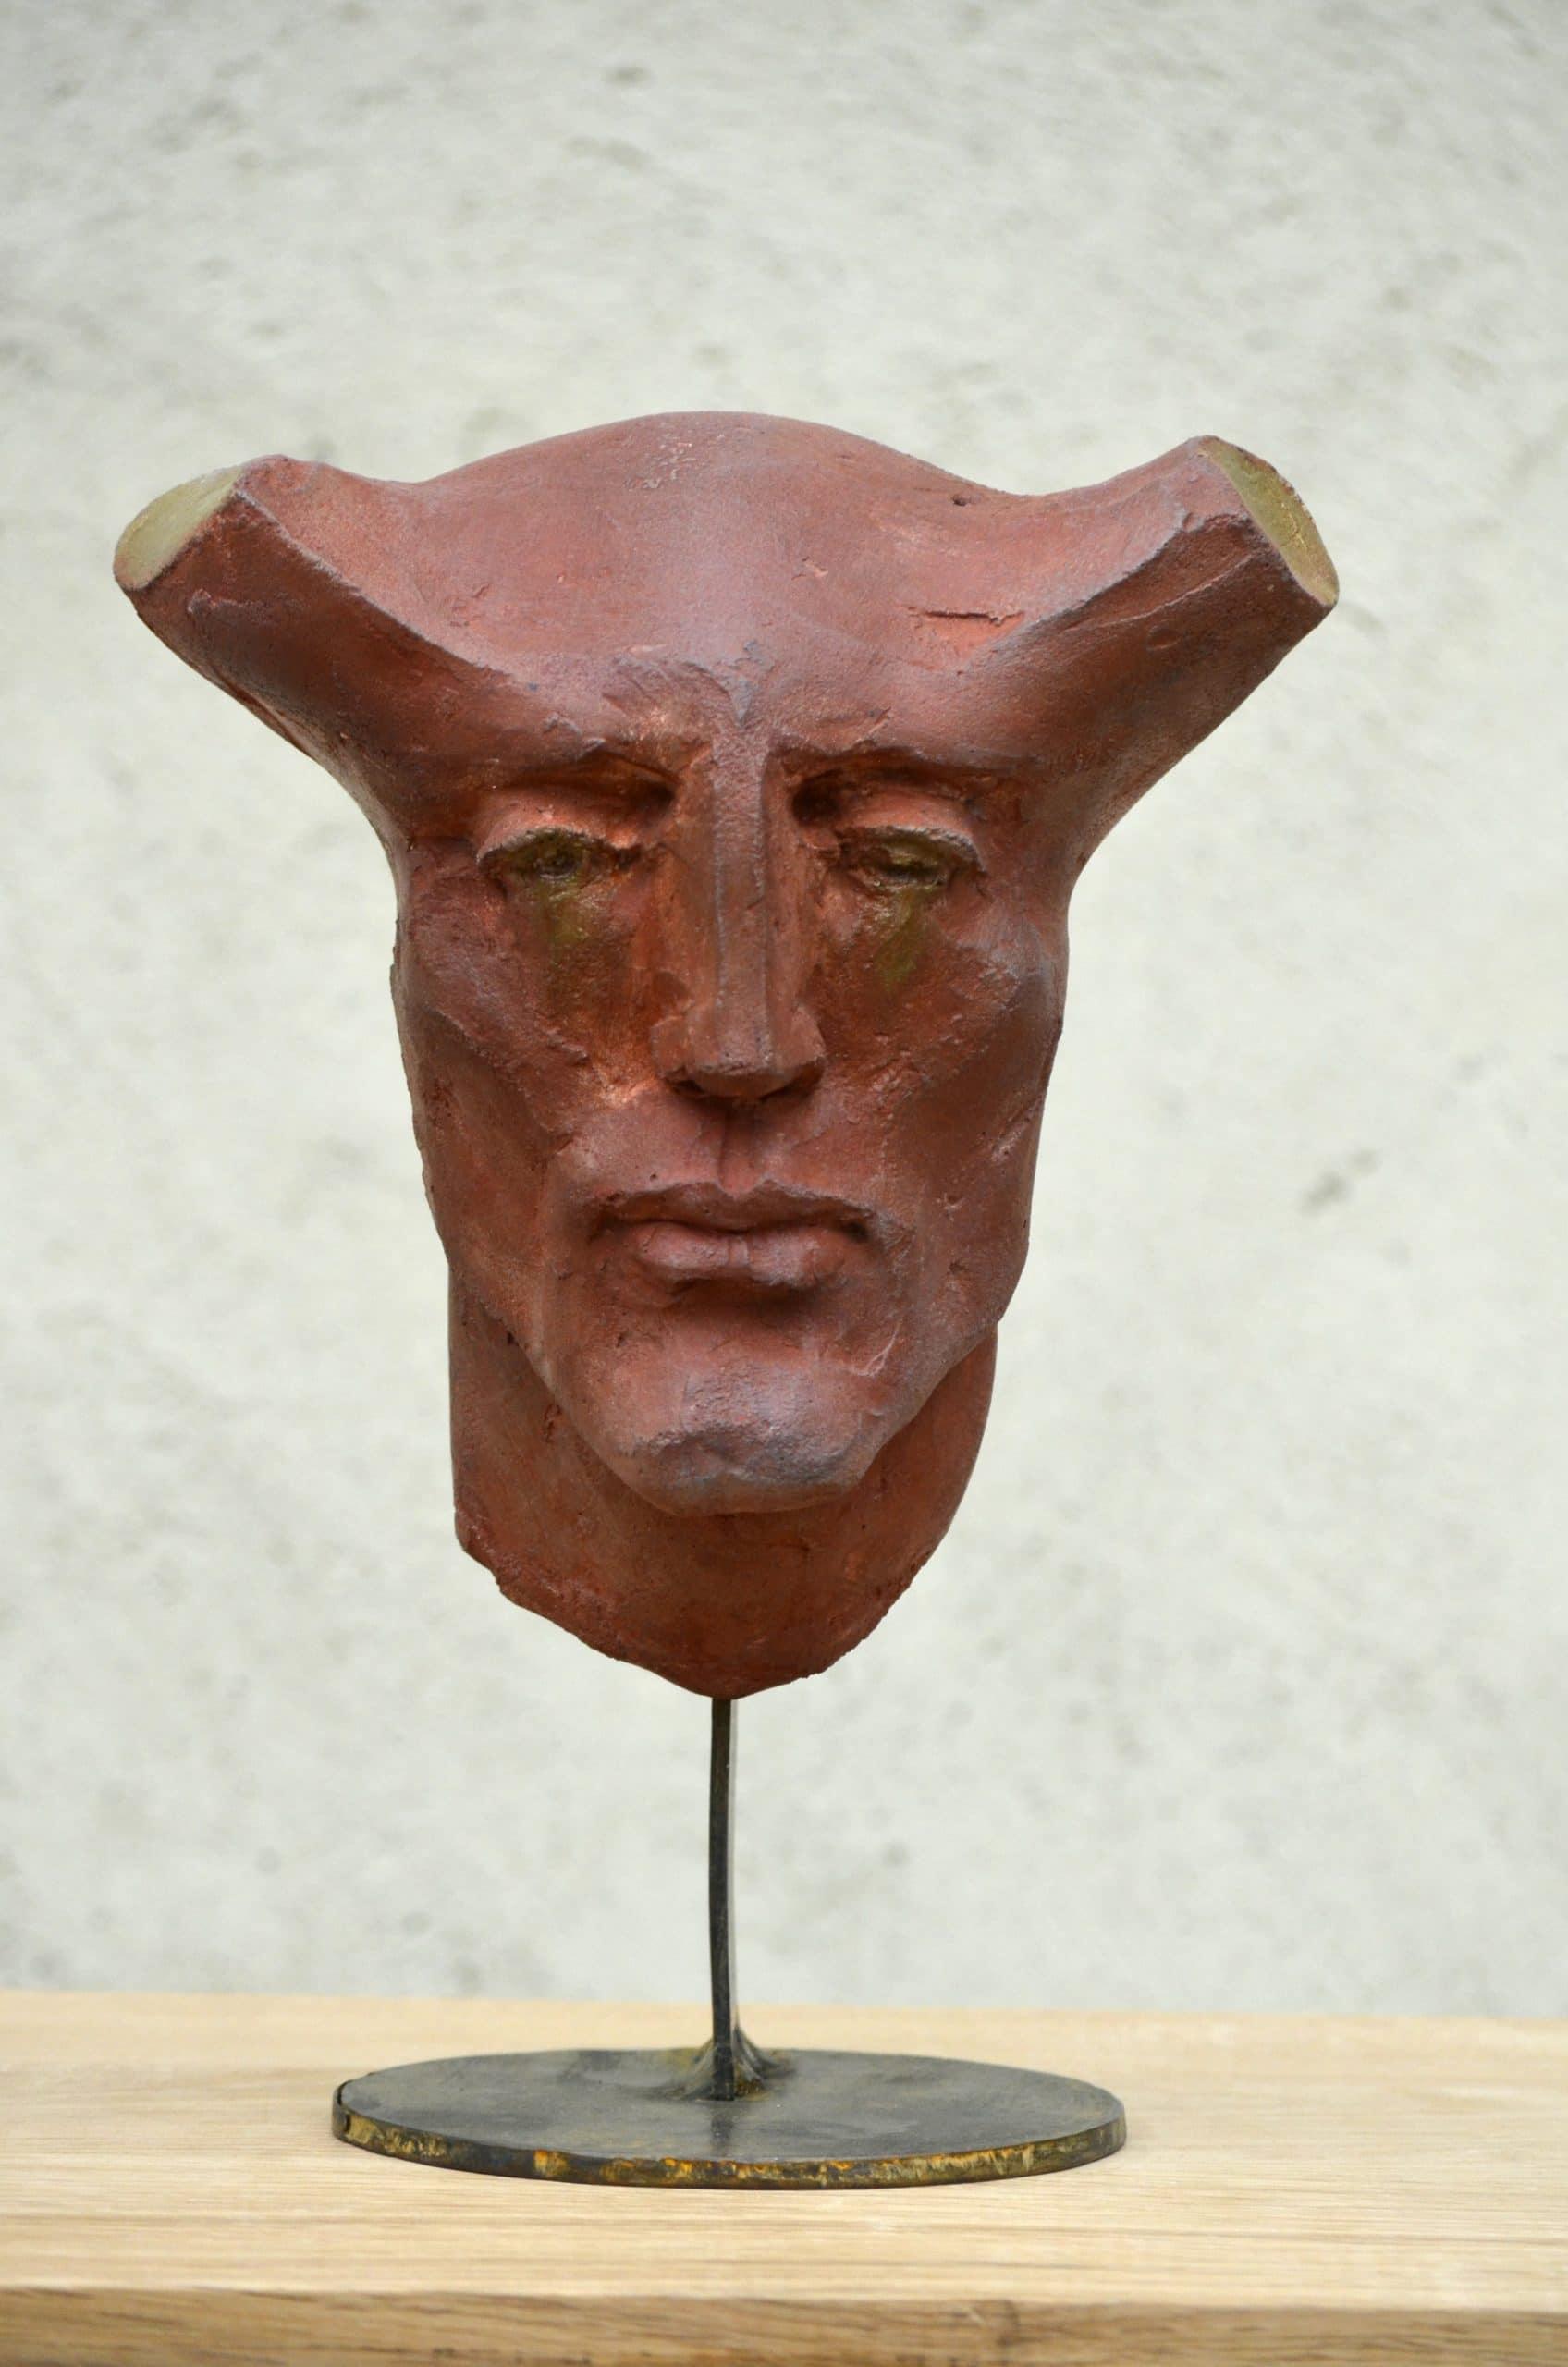 """"""" Head 2 """" béton, 50 x 31 x 27 cm, 2018 - Pièce unique"""